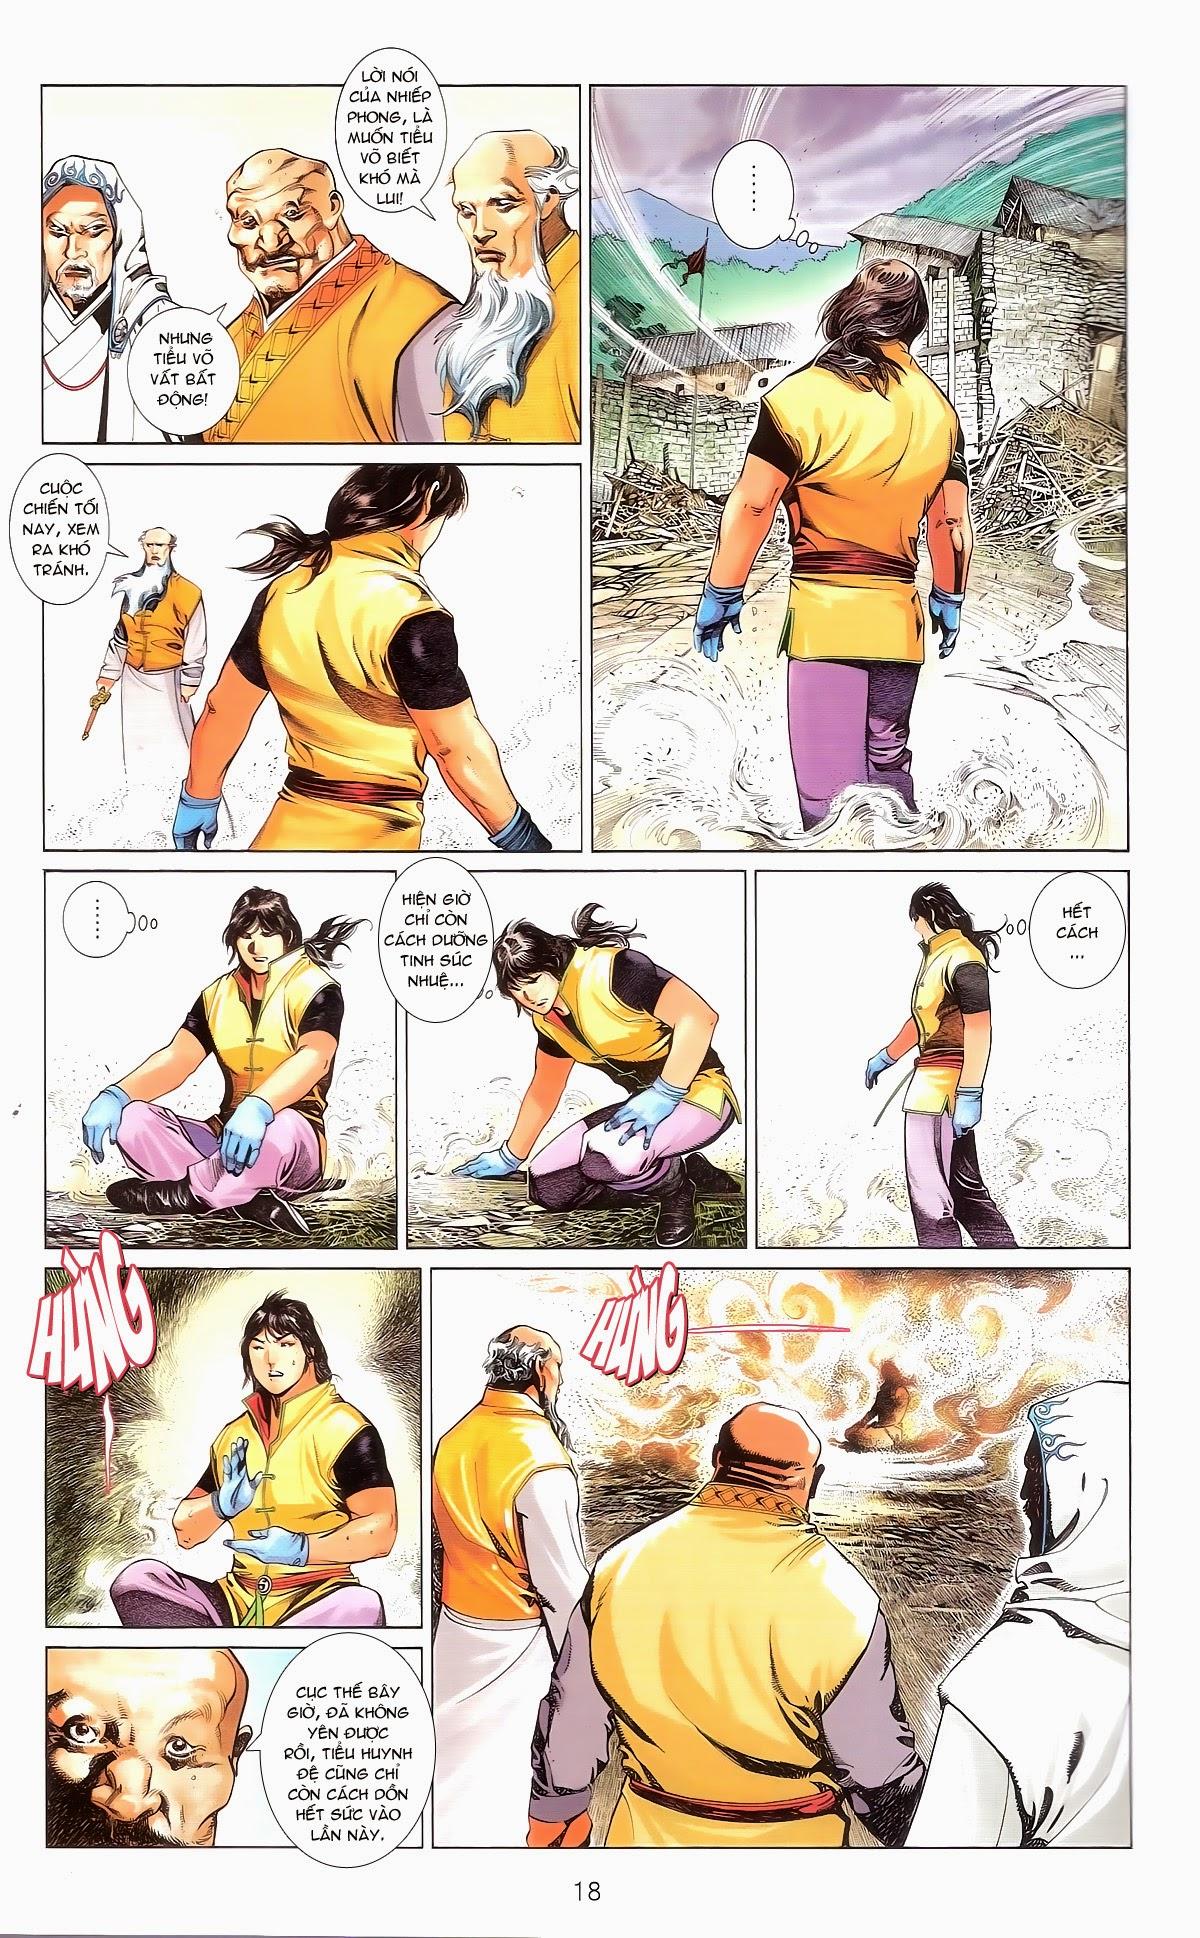 Phong Vân chap 674 – End Trang 20 - Mangak.info